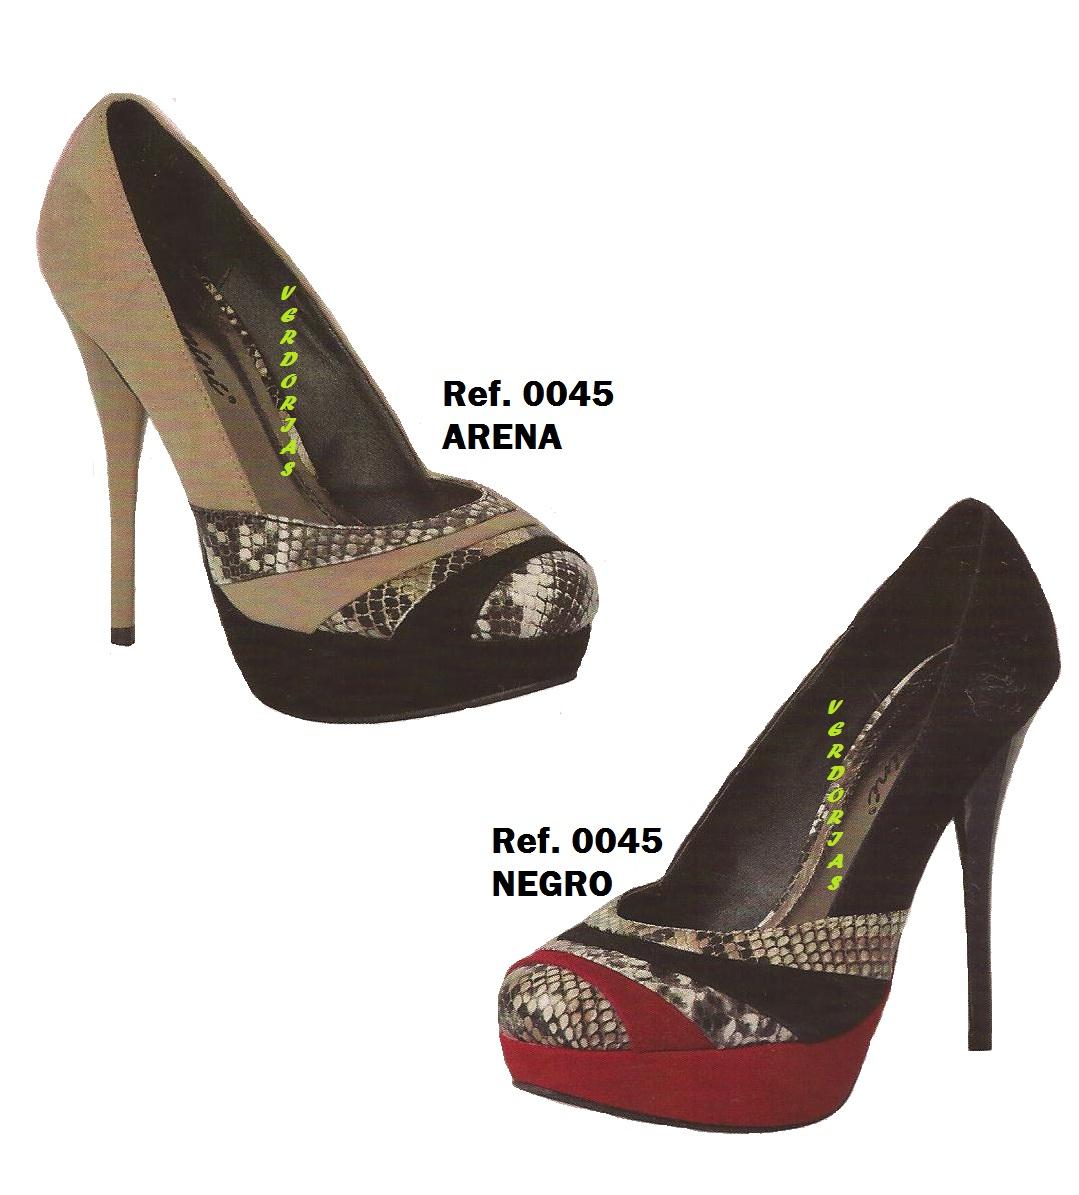 Zapatos O Con AnacocoshopSandalias Plataforma De Tacon Y Sin ULGSMVqzp